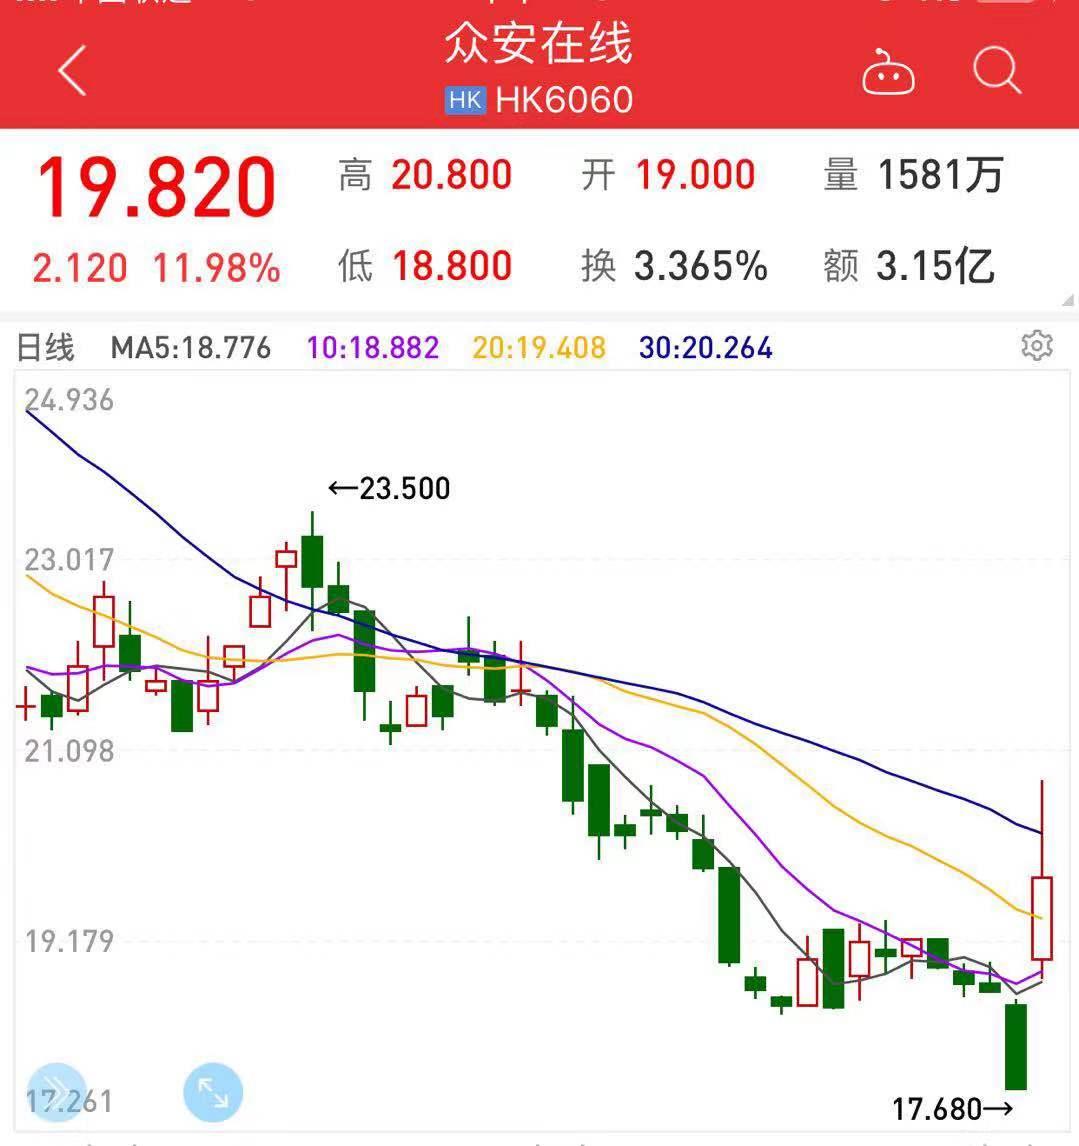 众安在线股价上涨12%:终结4连跌 上半年将扭亏为盈